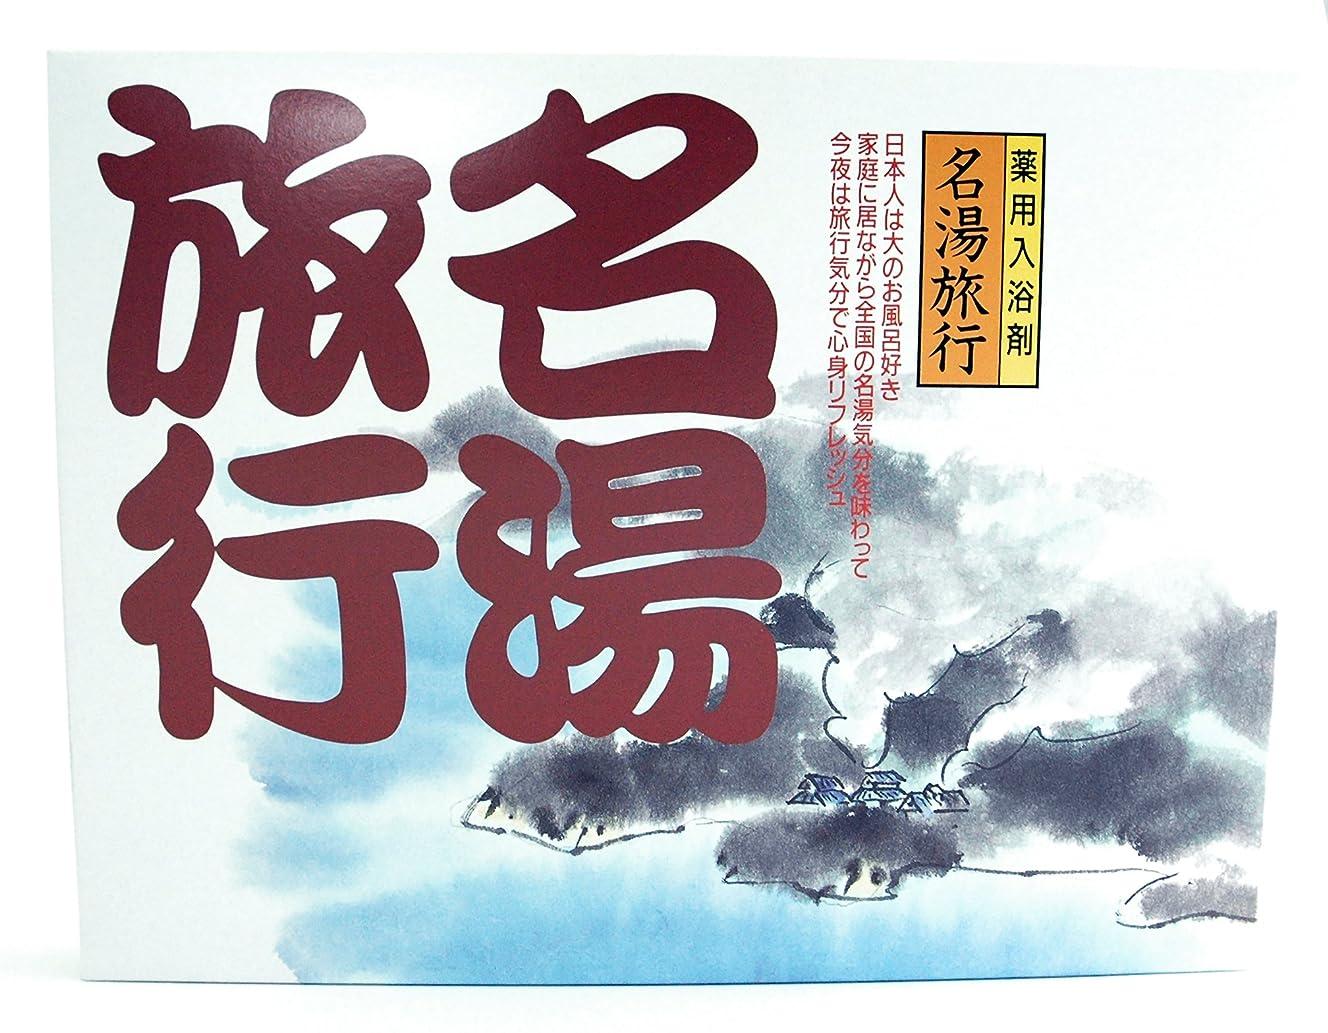 鮫ピカソ酸化物名湯旅行ギフトセット MTR20 [医薬部外品]